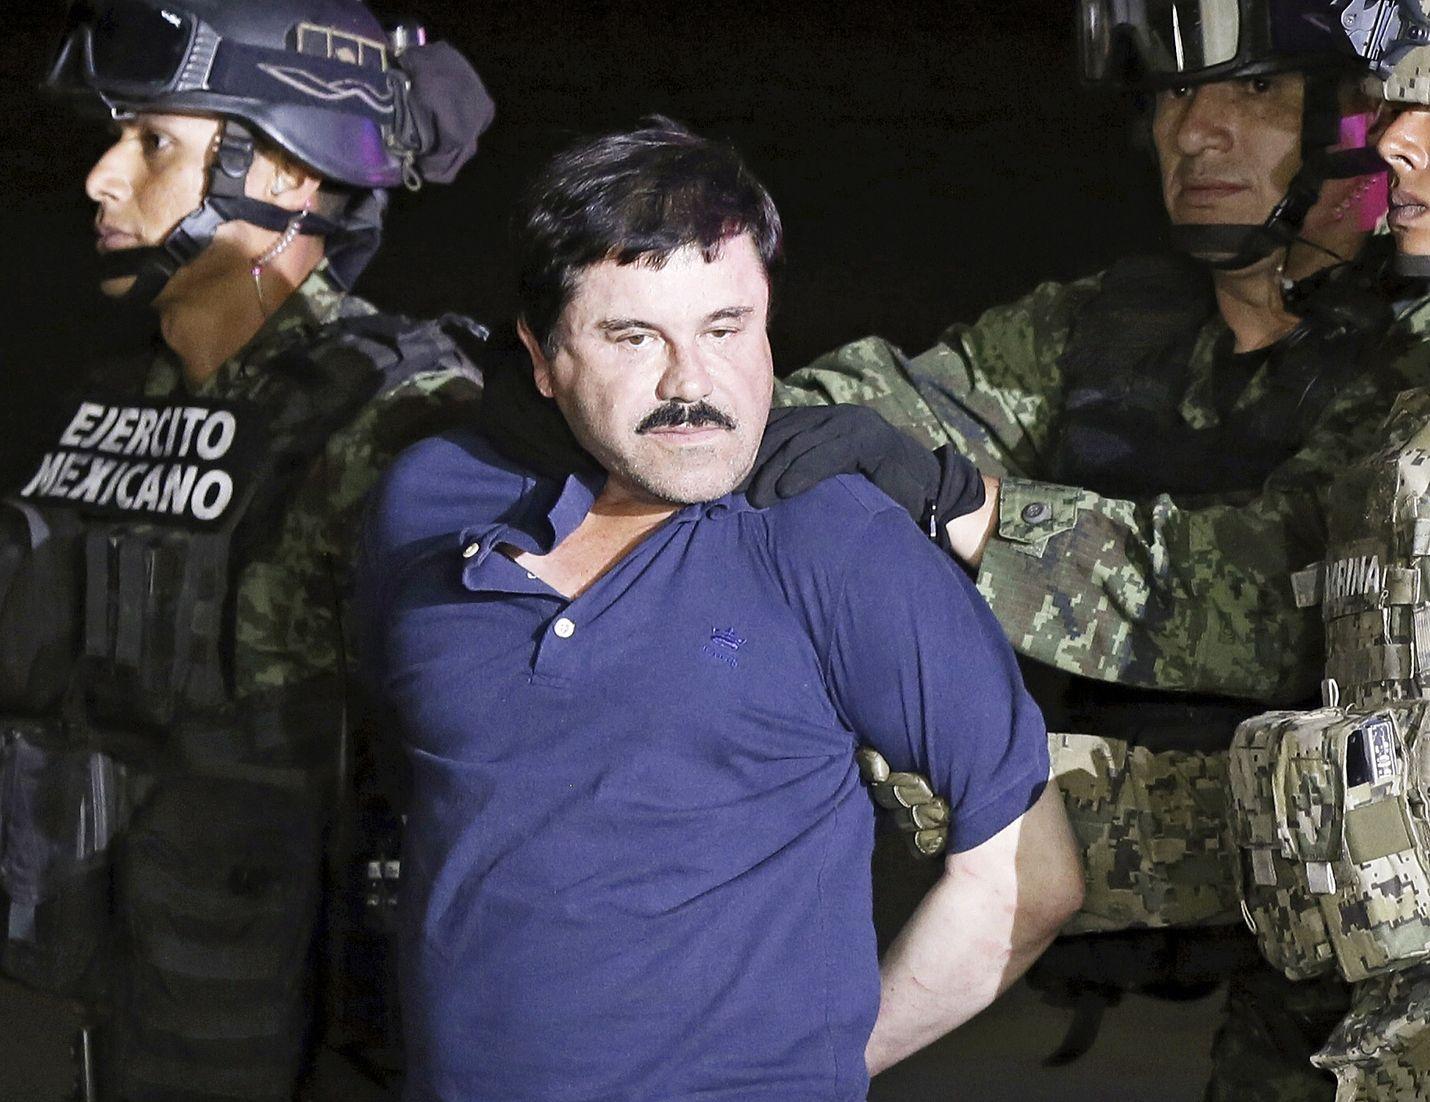 Legendaarinen huumeparoni Joaquín Guzmán eli El Chapo pidätettiin kolmannen kerran Meksikossa vuonna 2016. Kolmannen vankilatuomionsa hän istuu Yhdysvalloissa.